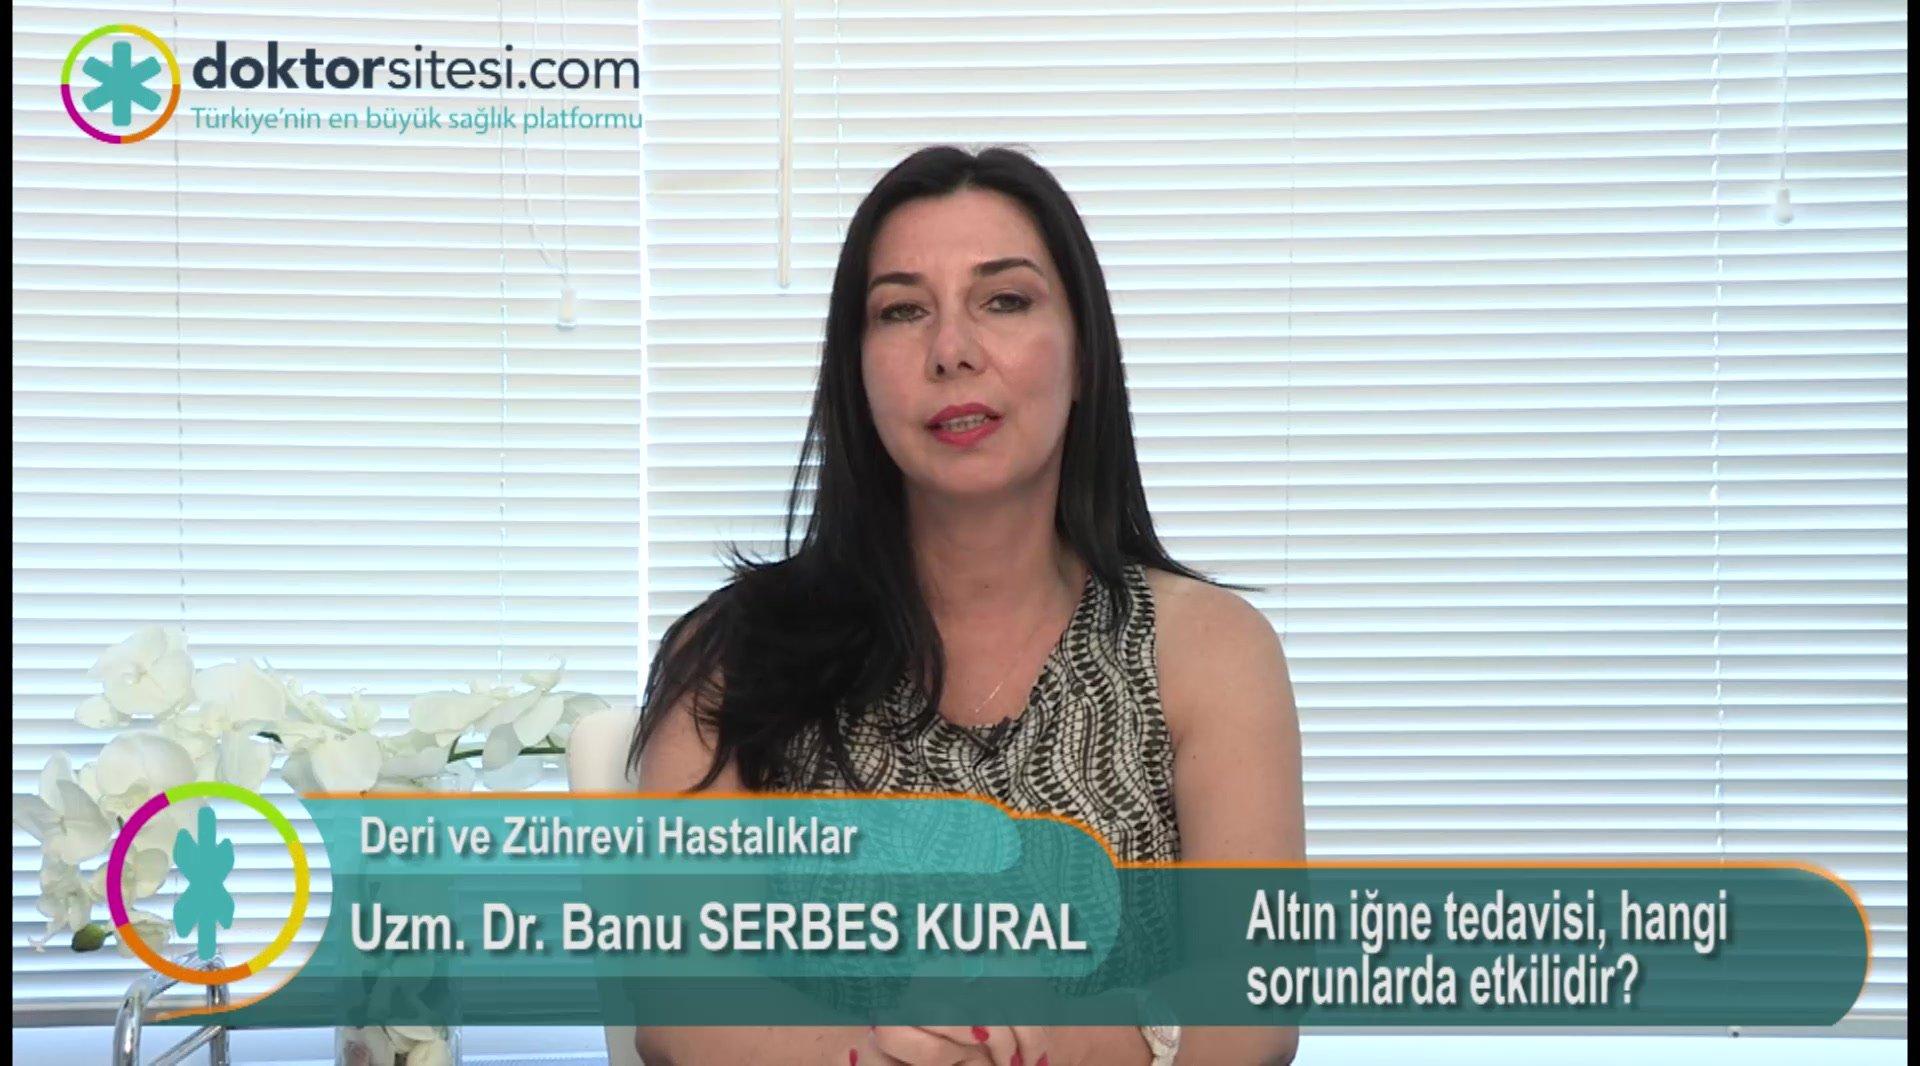 """Altın iğne tedavisi, hangi sorunlarda etkilidir? """"Uzm. Dr. Banu  SERBES KURAL"""""""